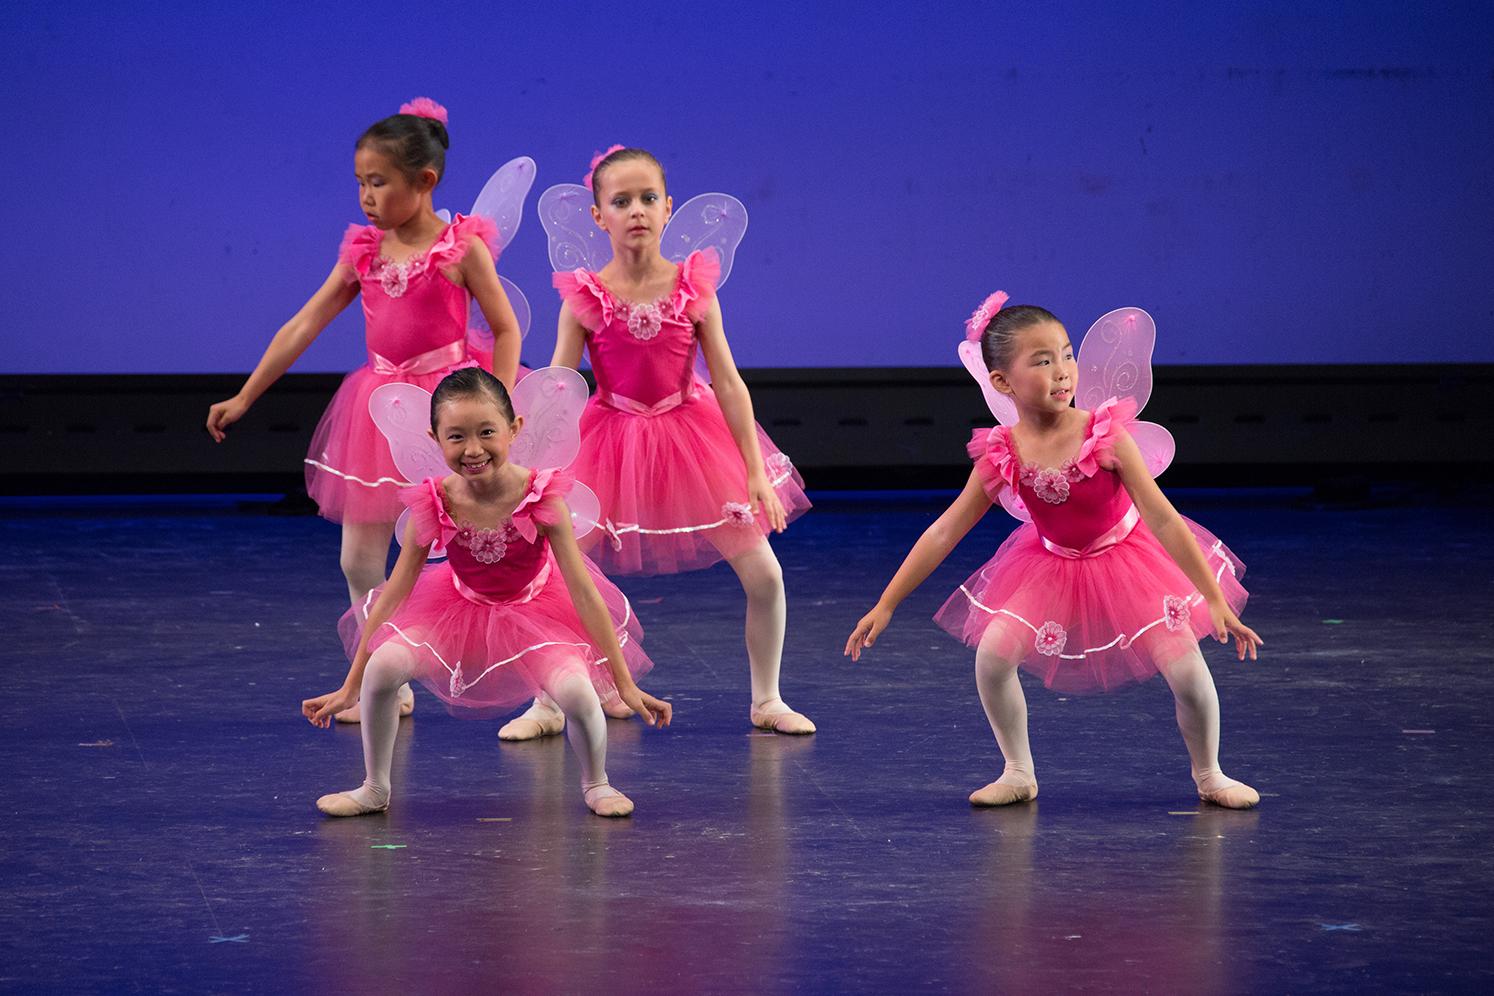 angela van school of ballet ballerina pic 3